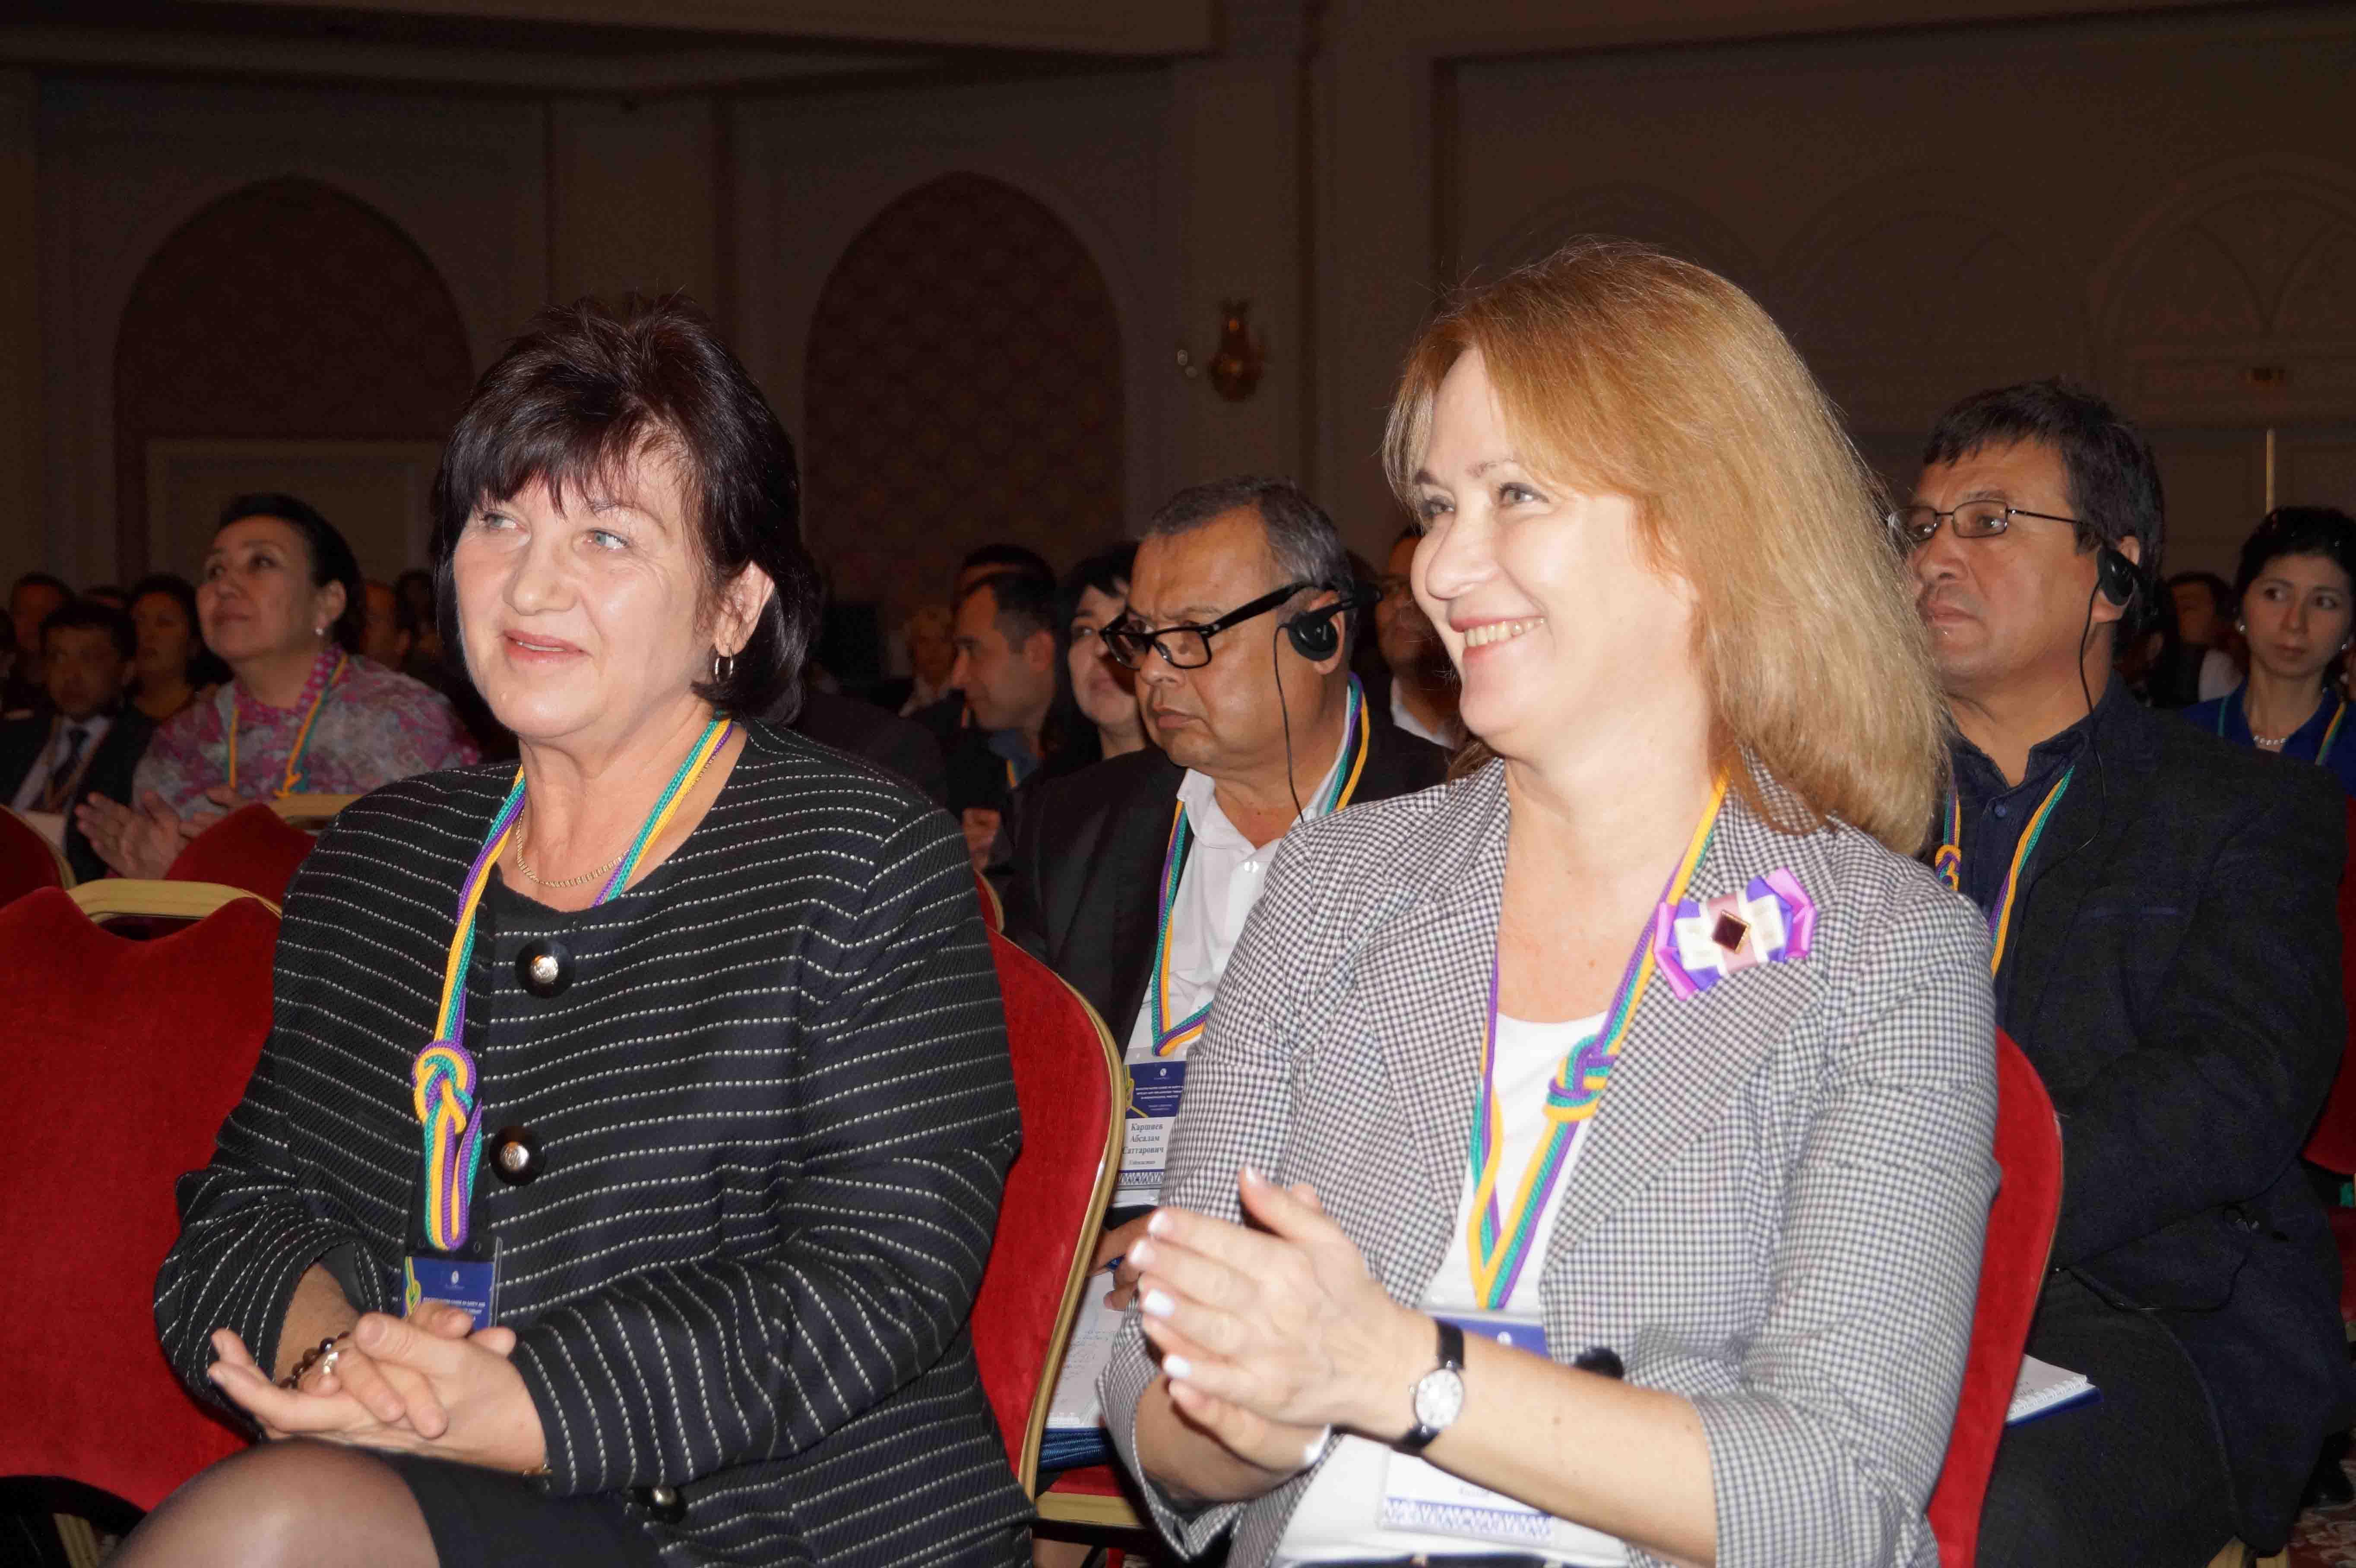 http://medicalexpress.ru/uploads/reportss/Master%20kurs/RO/DSC07907.jpg